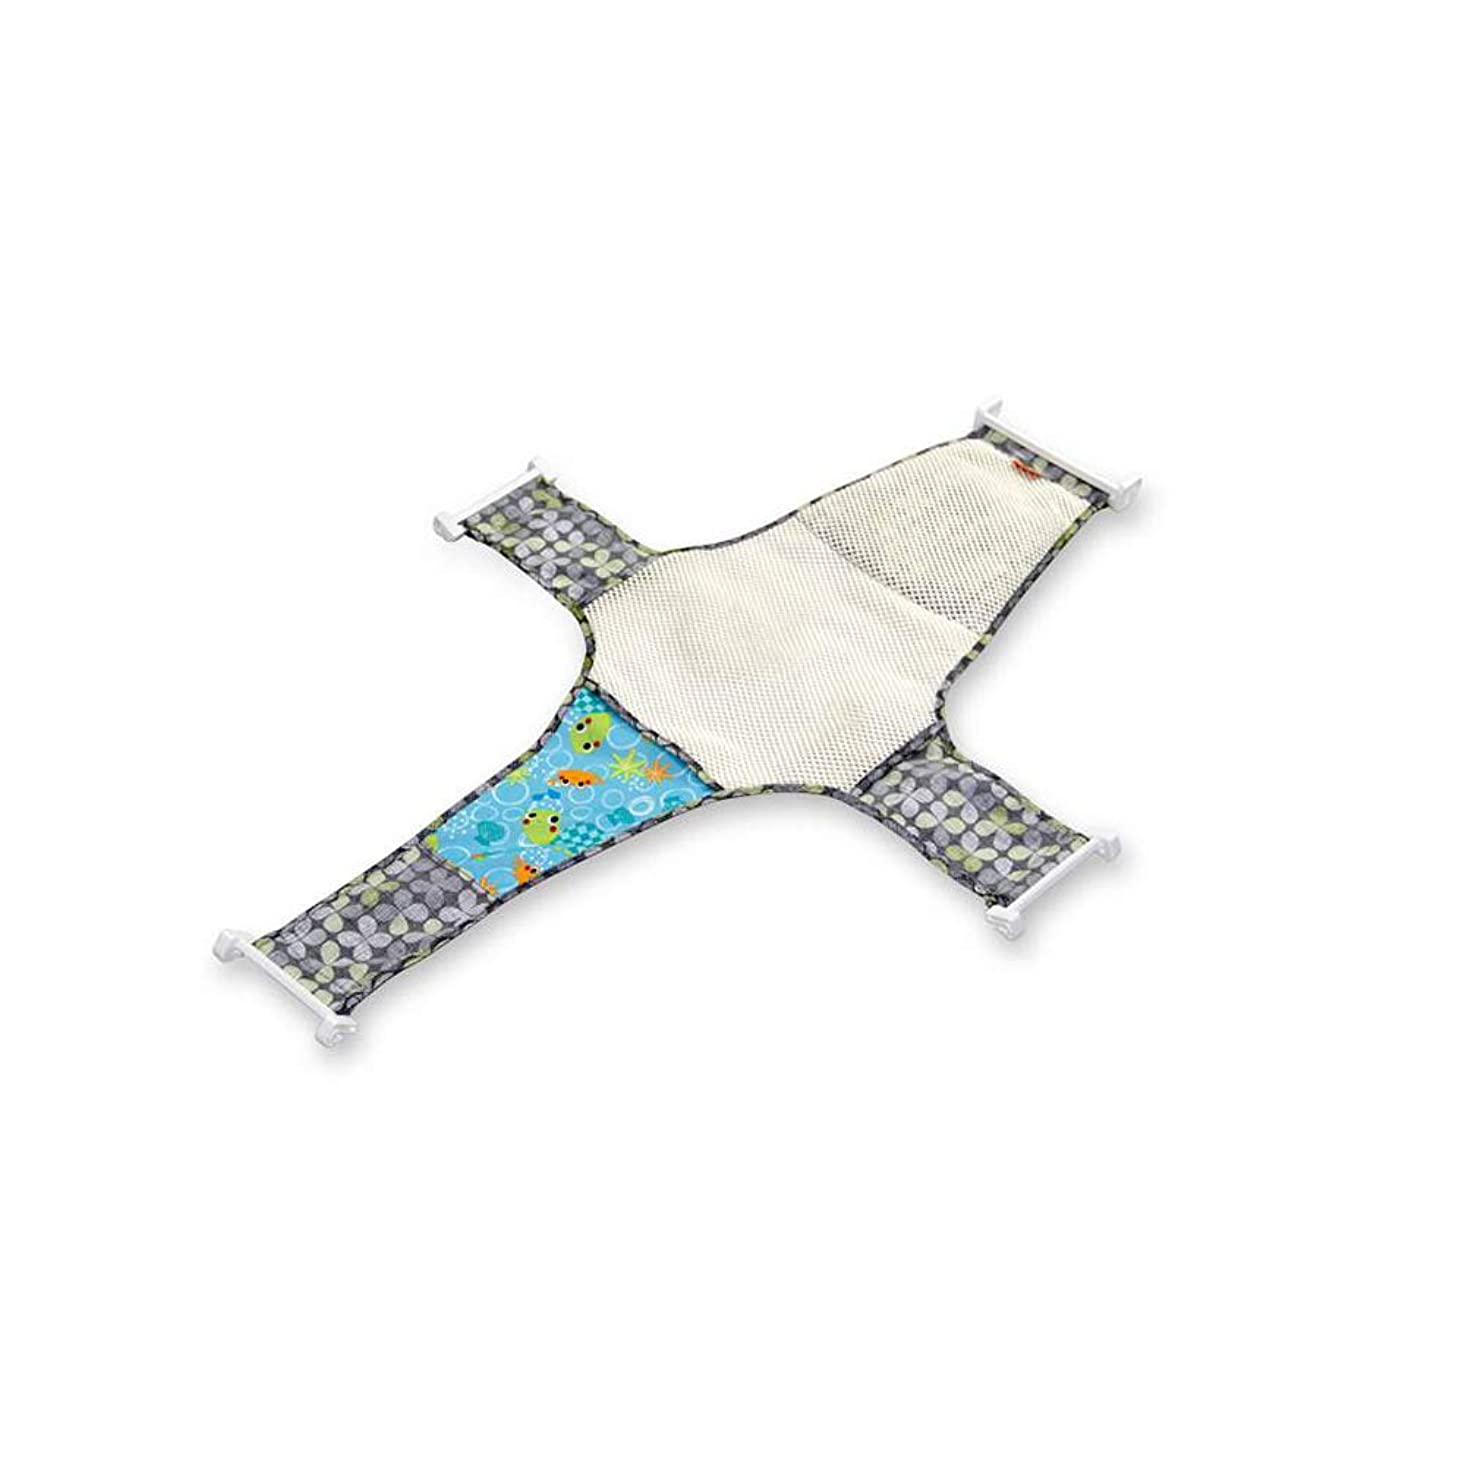 者スプーン盆地Onior調整可能 十字メッシュ パターン バスタブ 座席 スタンドネット 滑り止め 浴槽網 耐久性